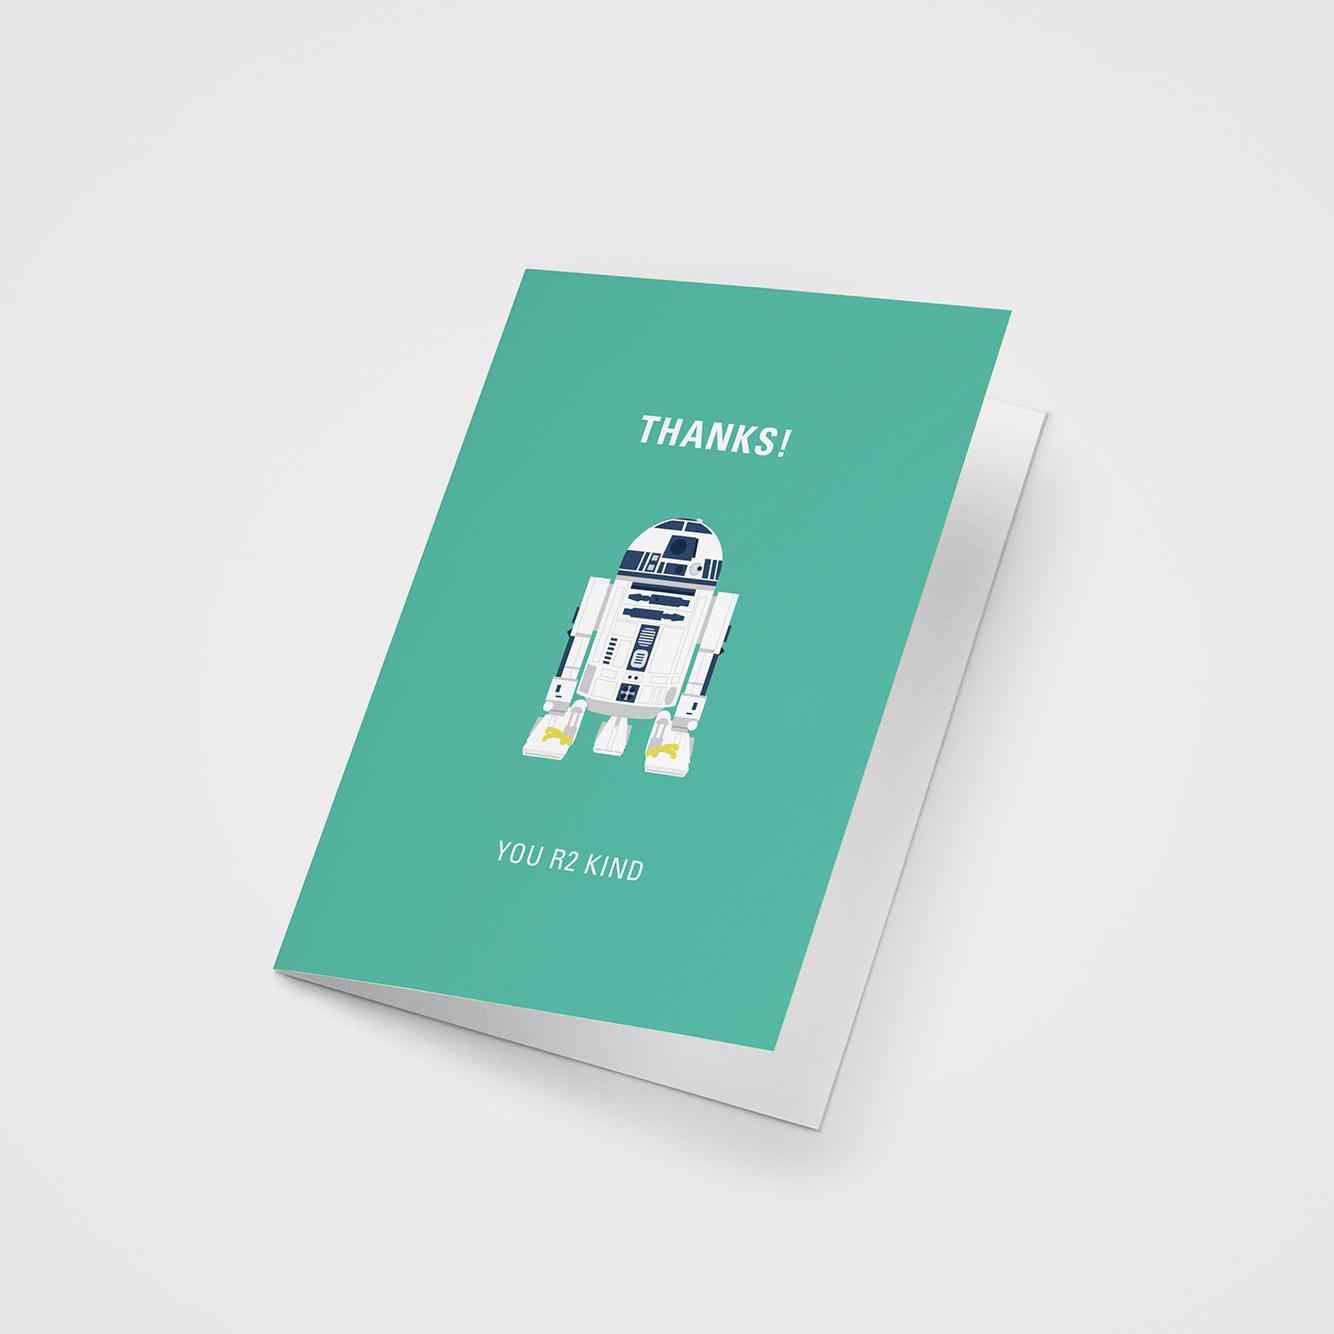 Card Mockup v2 Grey 4.jpg